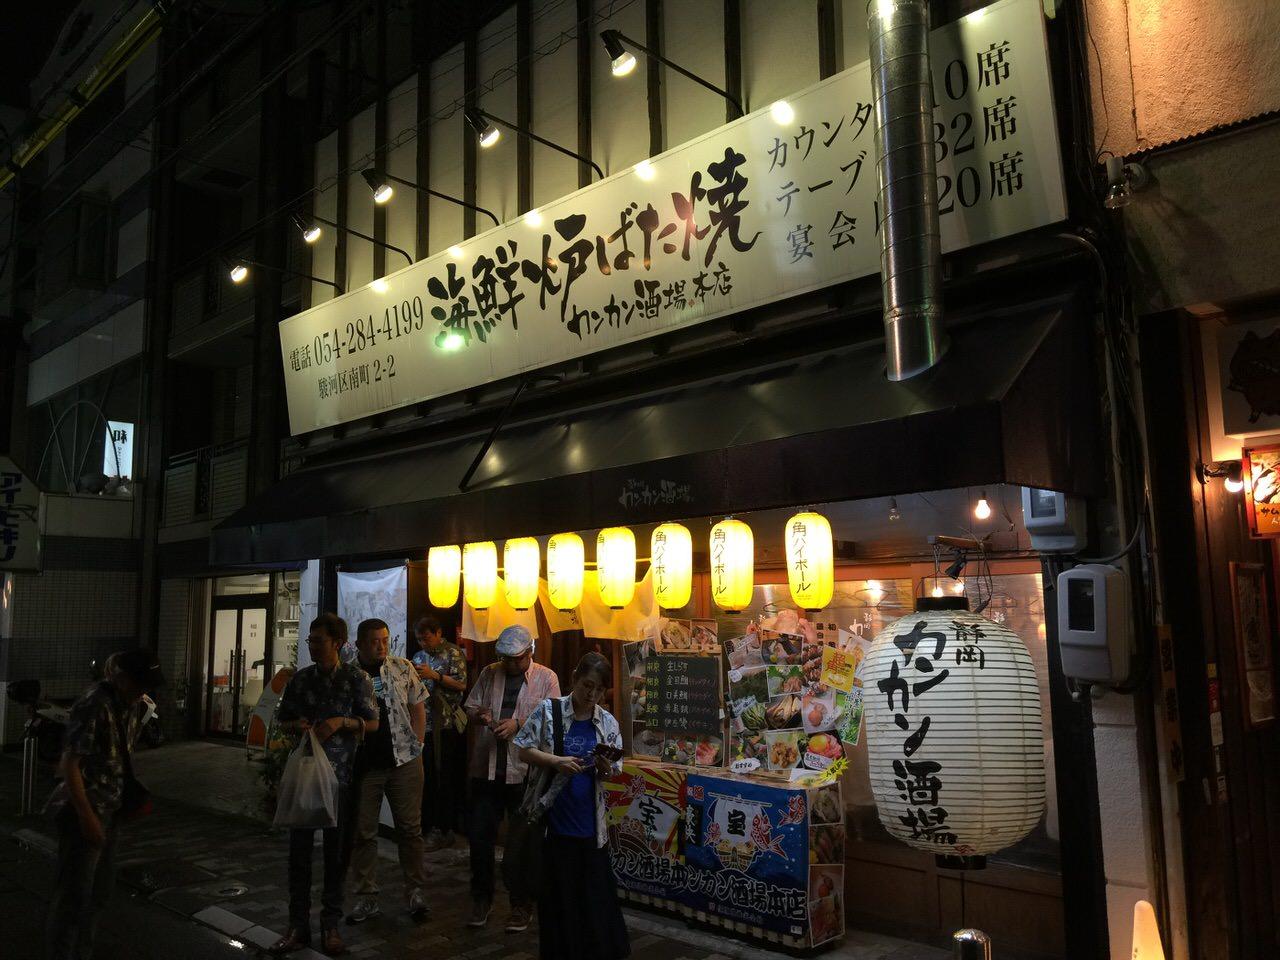 「カンカン酒場本店」海鮮炉端焼きの店で数年ぶりにユッケを食べた(静岡)